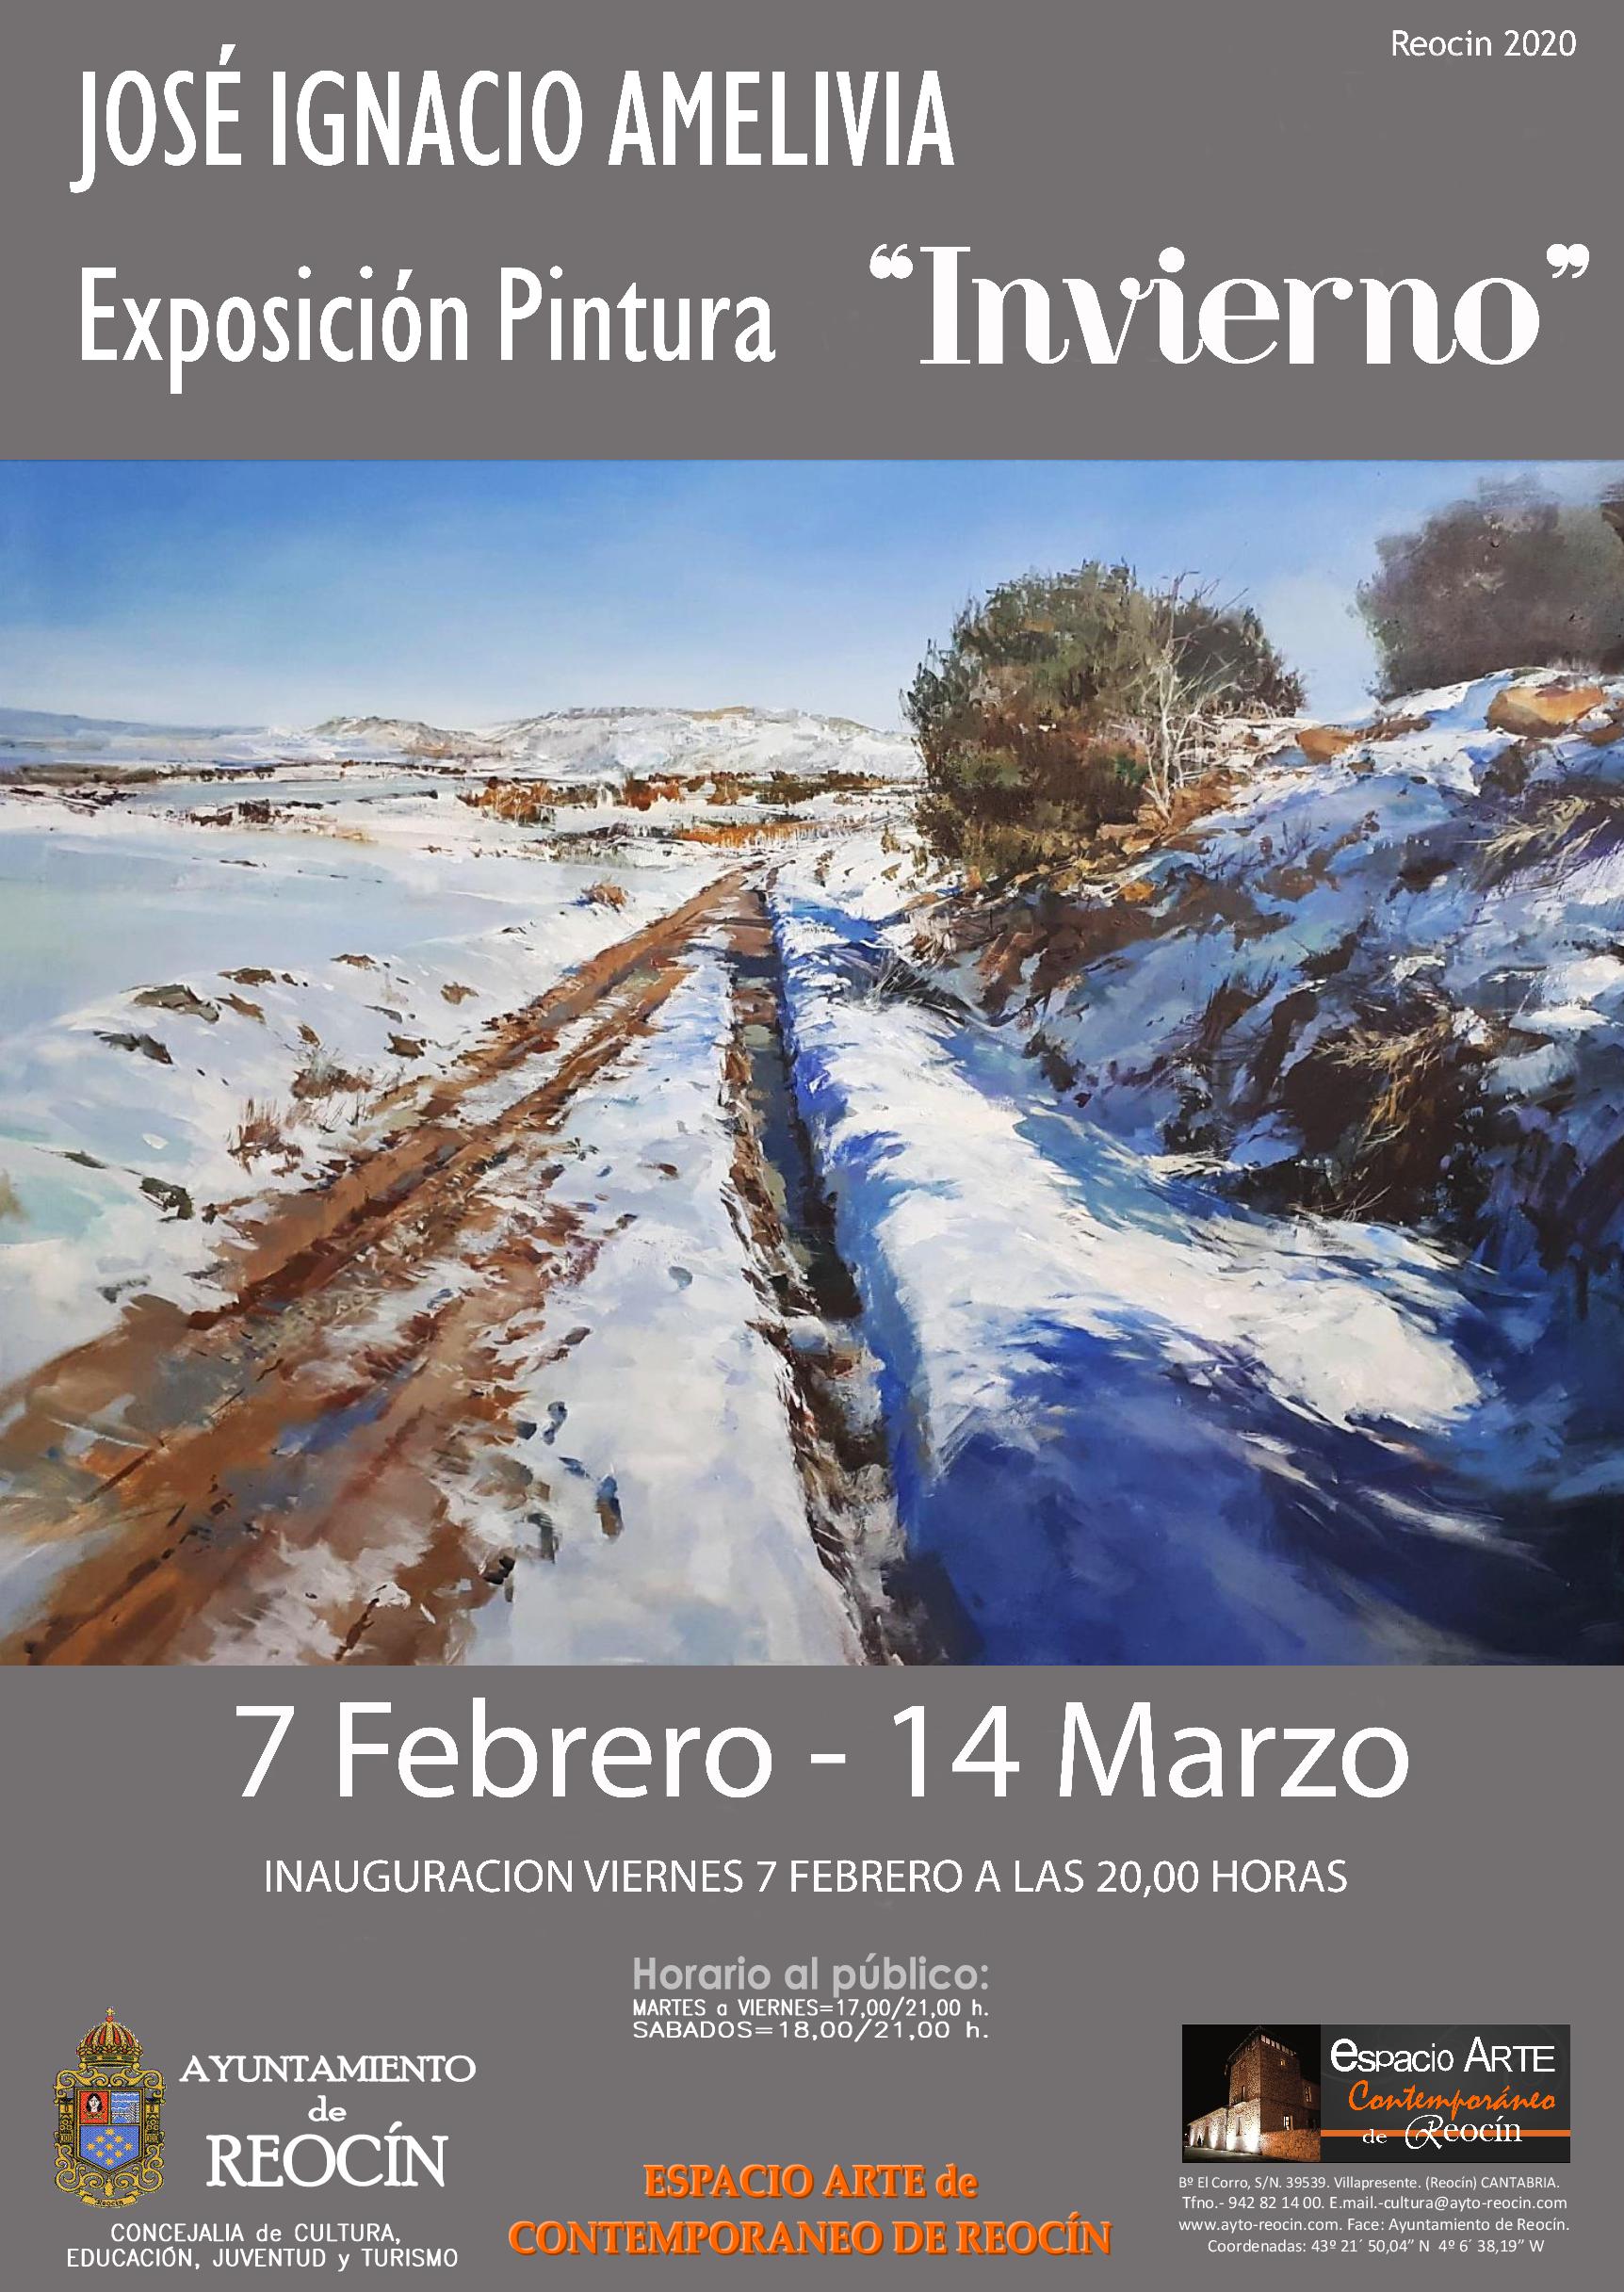 cartel expo amelivia 7FEBR-14MARZO 2020-1